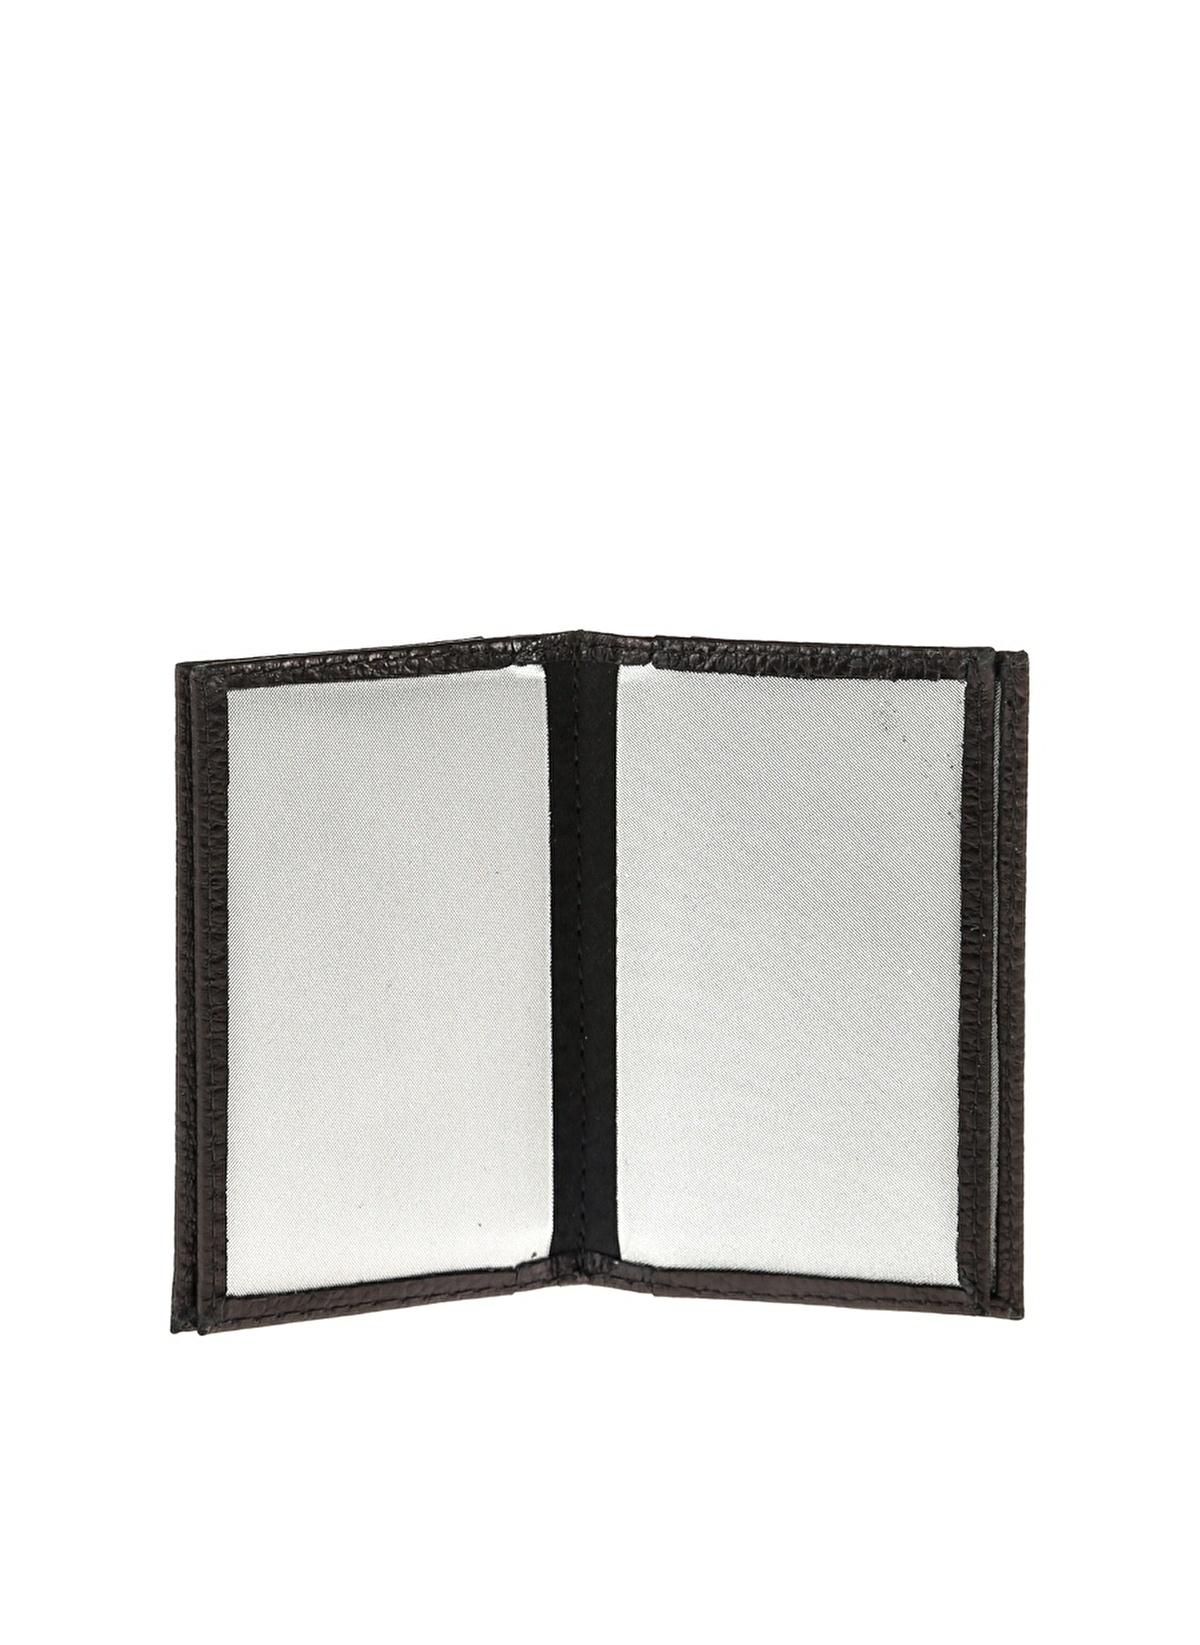 Cotton Bar Clutch – El Çantası 32alt 105 Portfoy – 59.95 TL